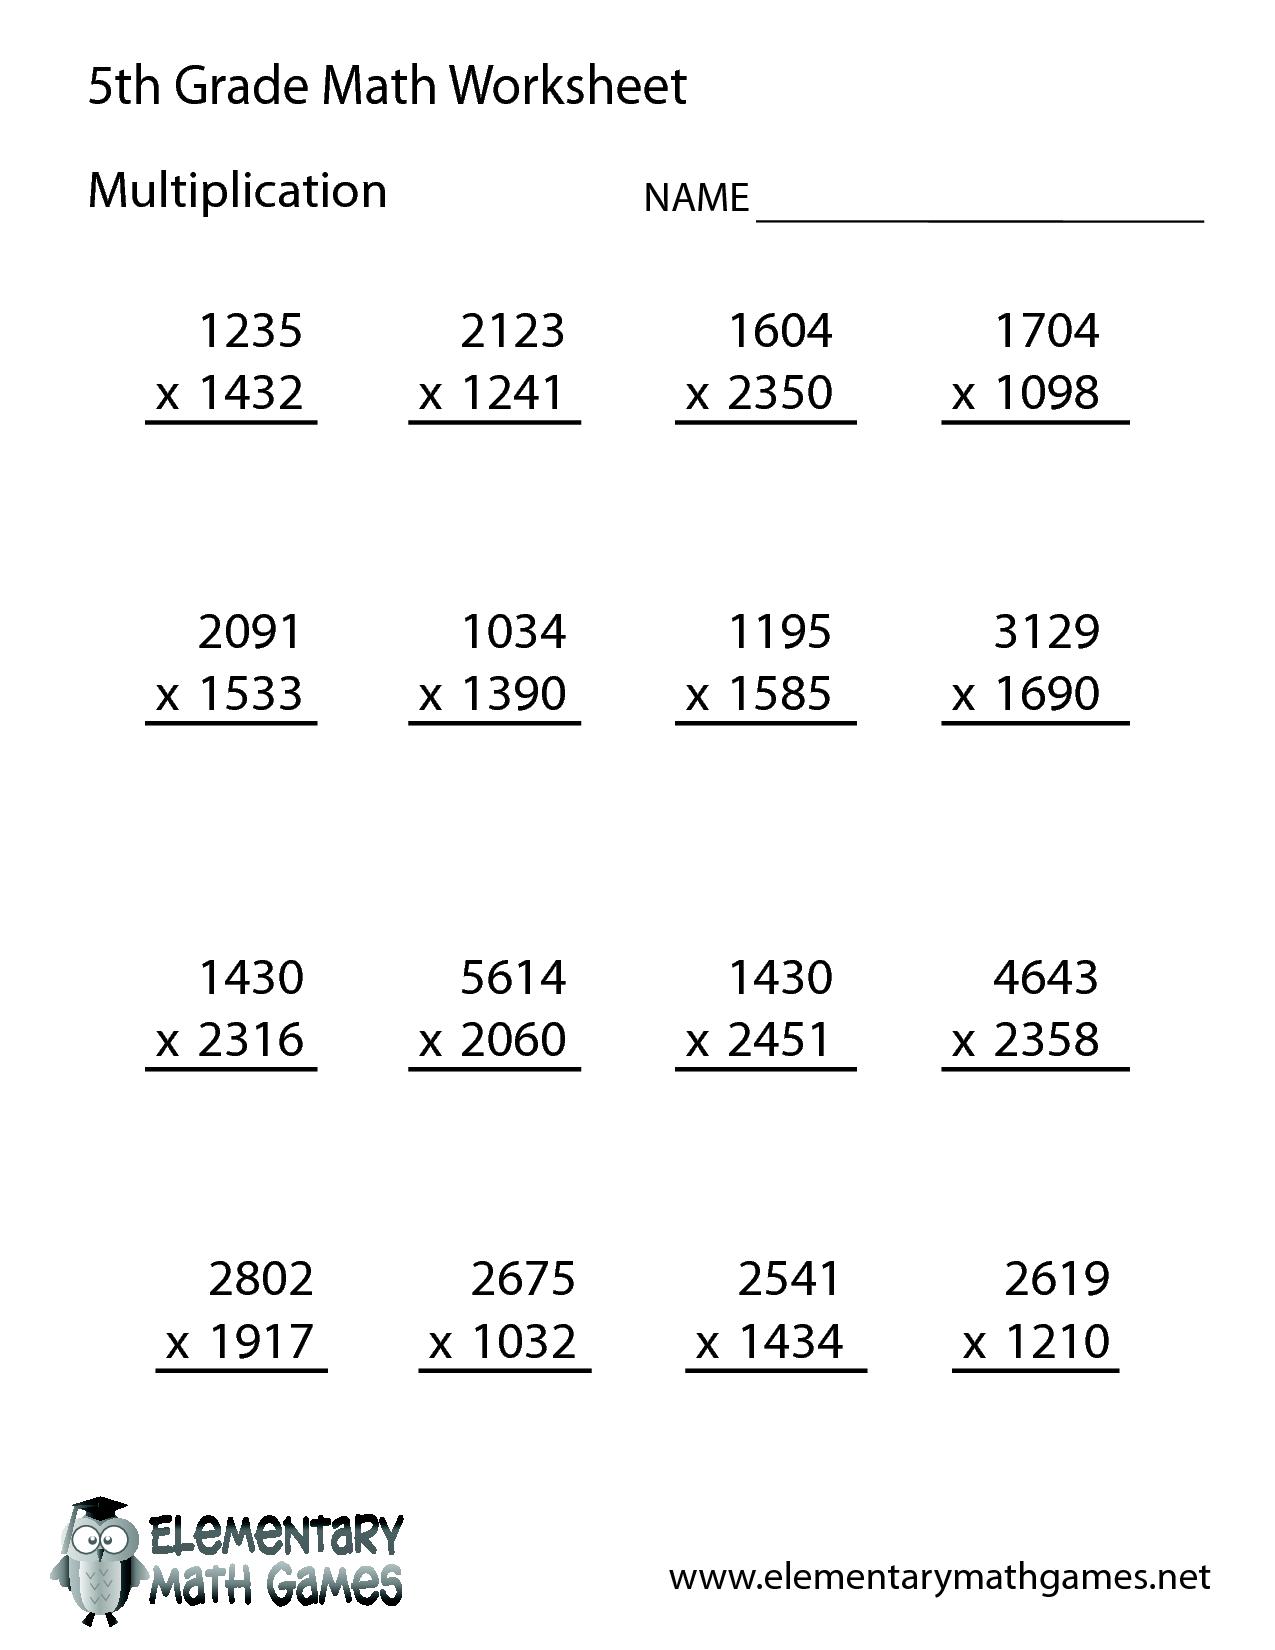 medium resolution of 5th Grade Math Worksheets   5th Grade Math Worksheet   5th grade worksheets